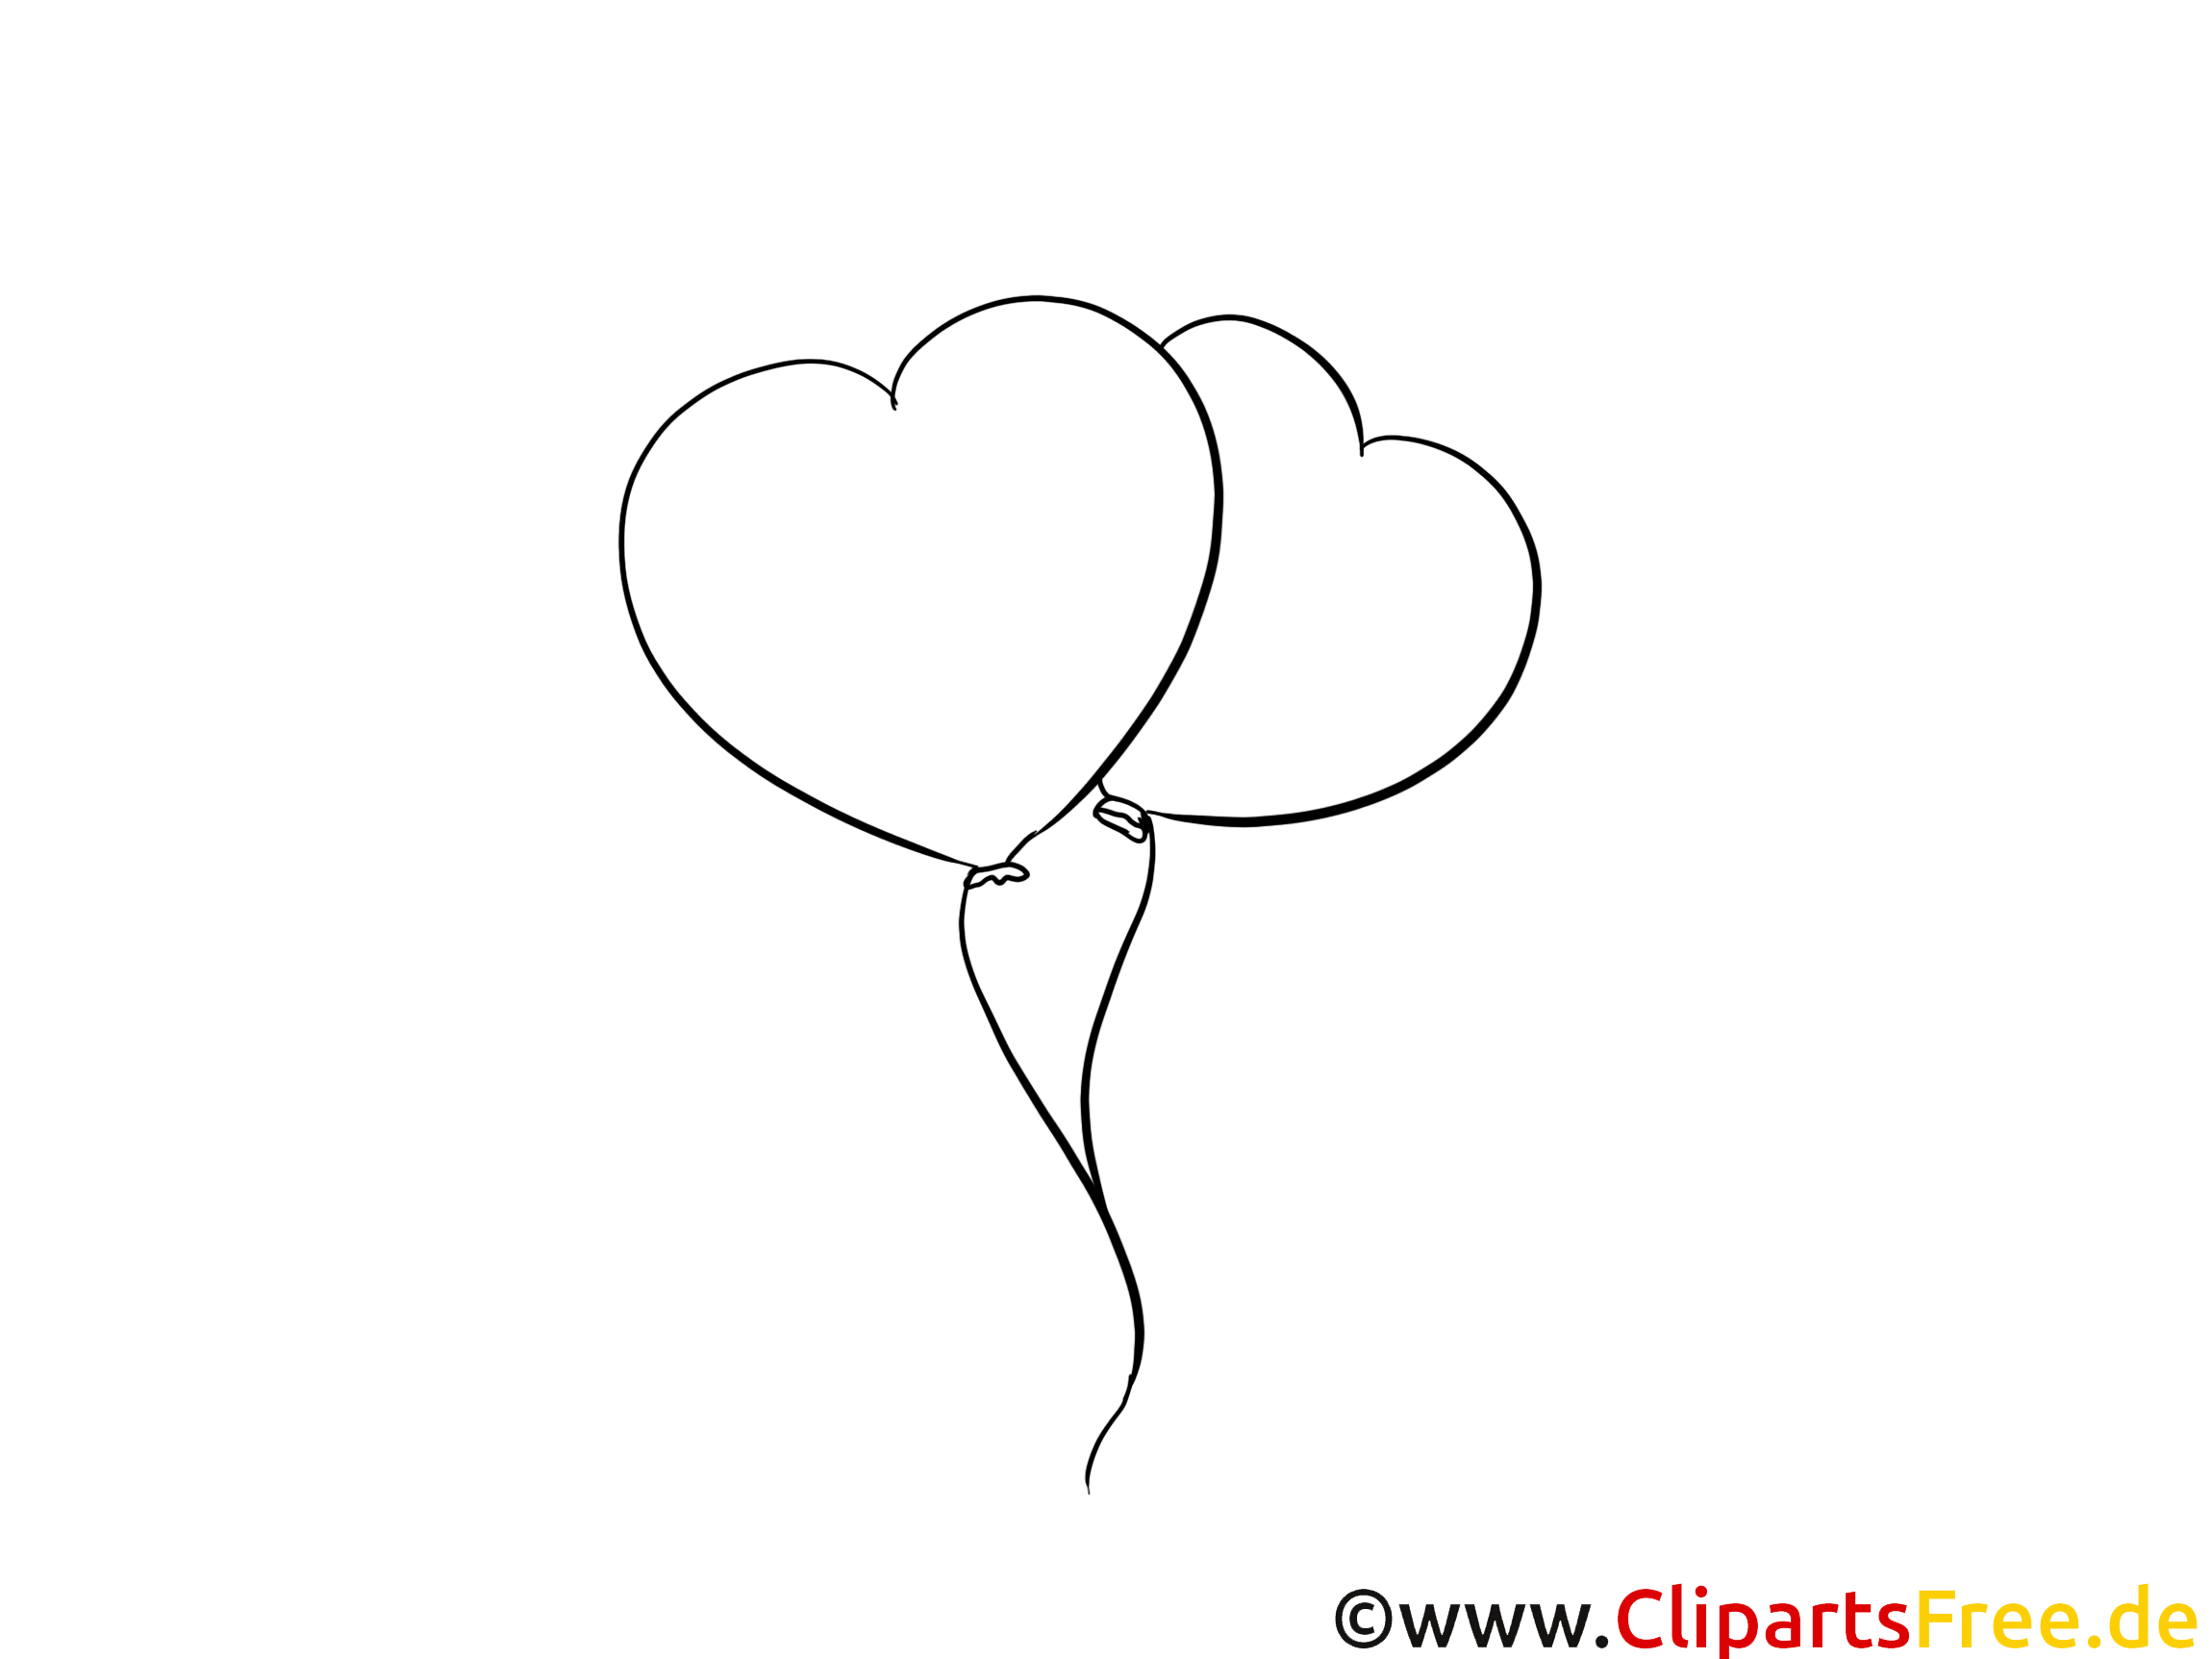 Malvorlagen Luftballon Gratis | Coloring And Malvorlagan verwandt mit Luftballons Zum Ausmalen